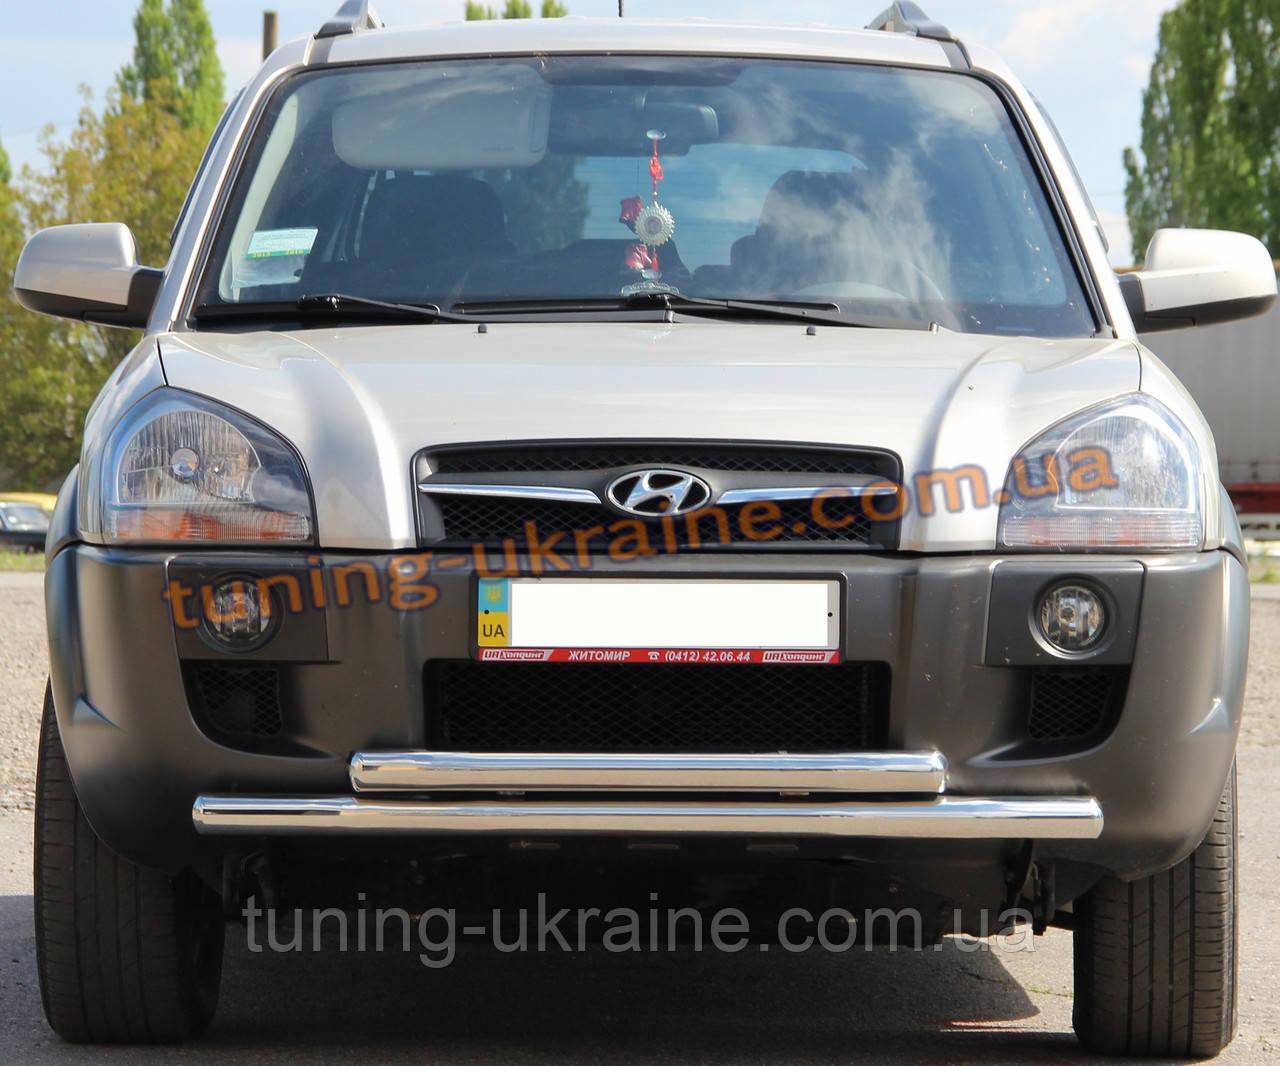 Защита переднего бампера труба двойная из нержавейки на Hyundai Tucson 2004-2009 - ООО Tuning Avto в Харькове